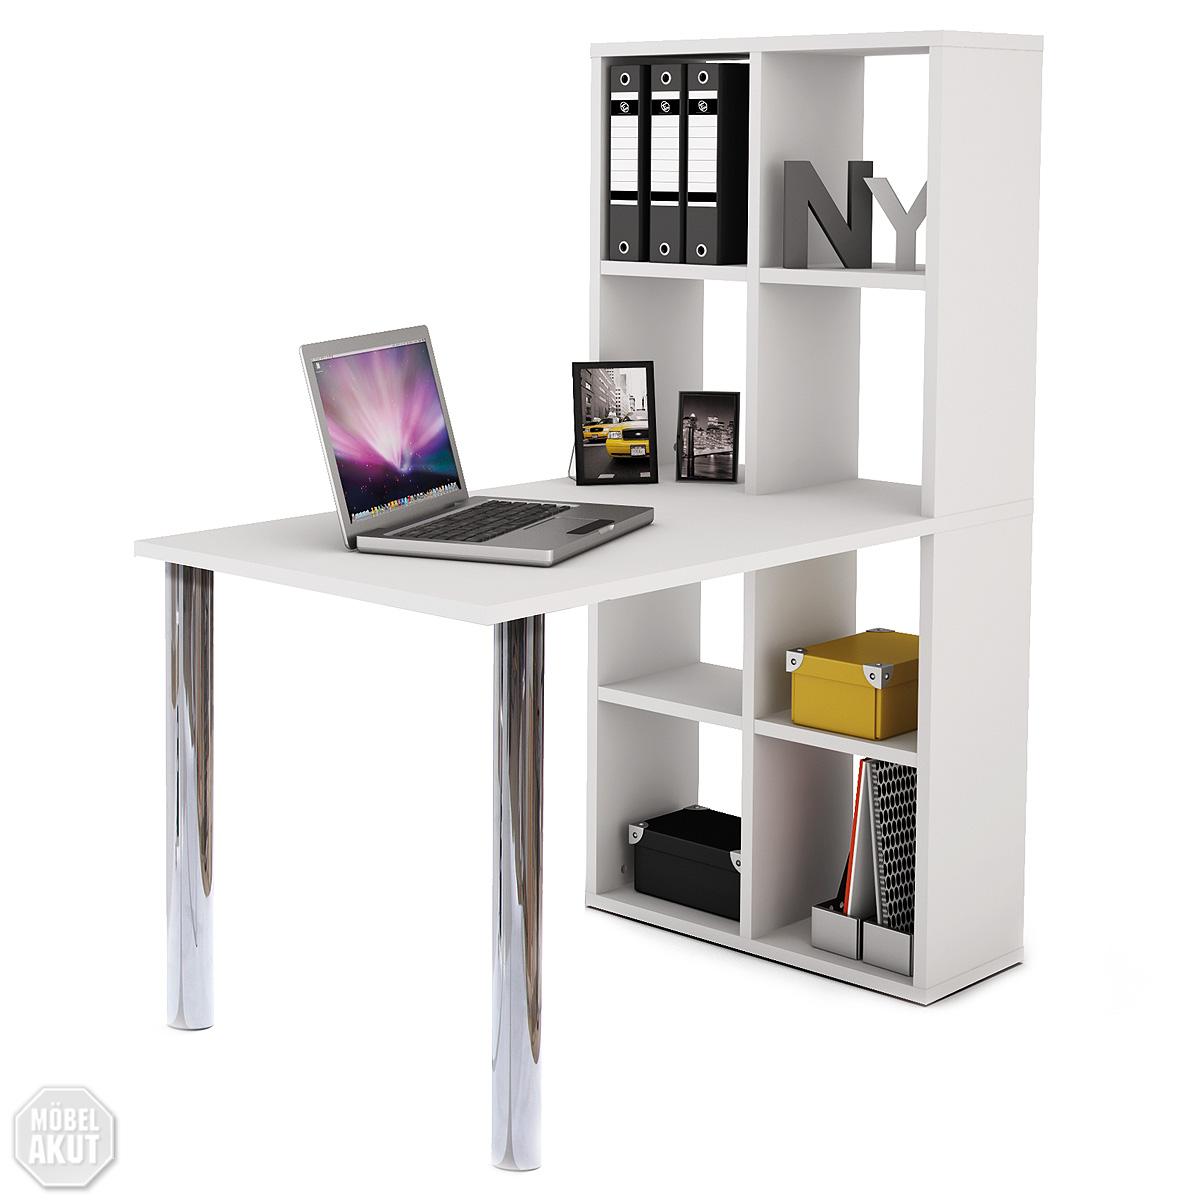 schreibtisch lexington mit regal in wei neu ebay. Black Bedroom Furniture Sets. Home Design Ideas